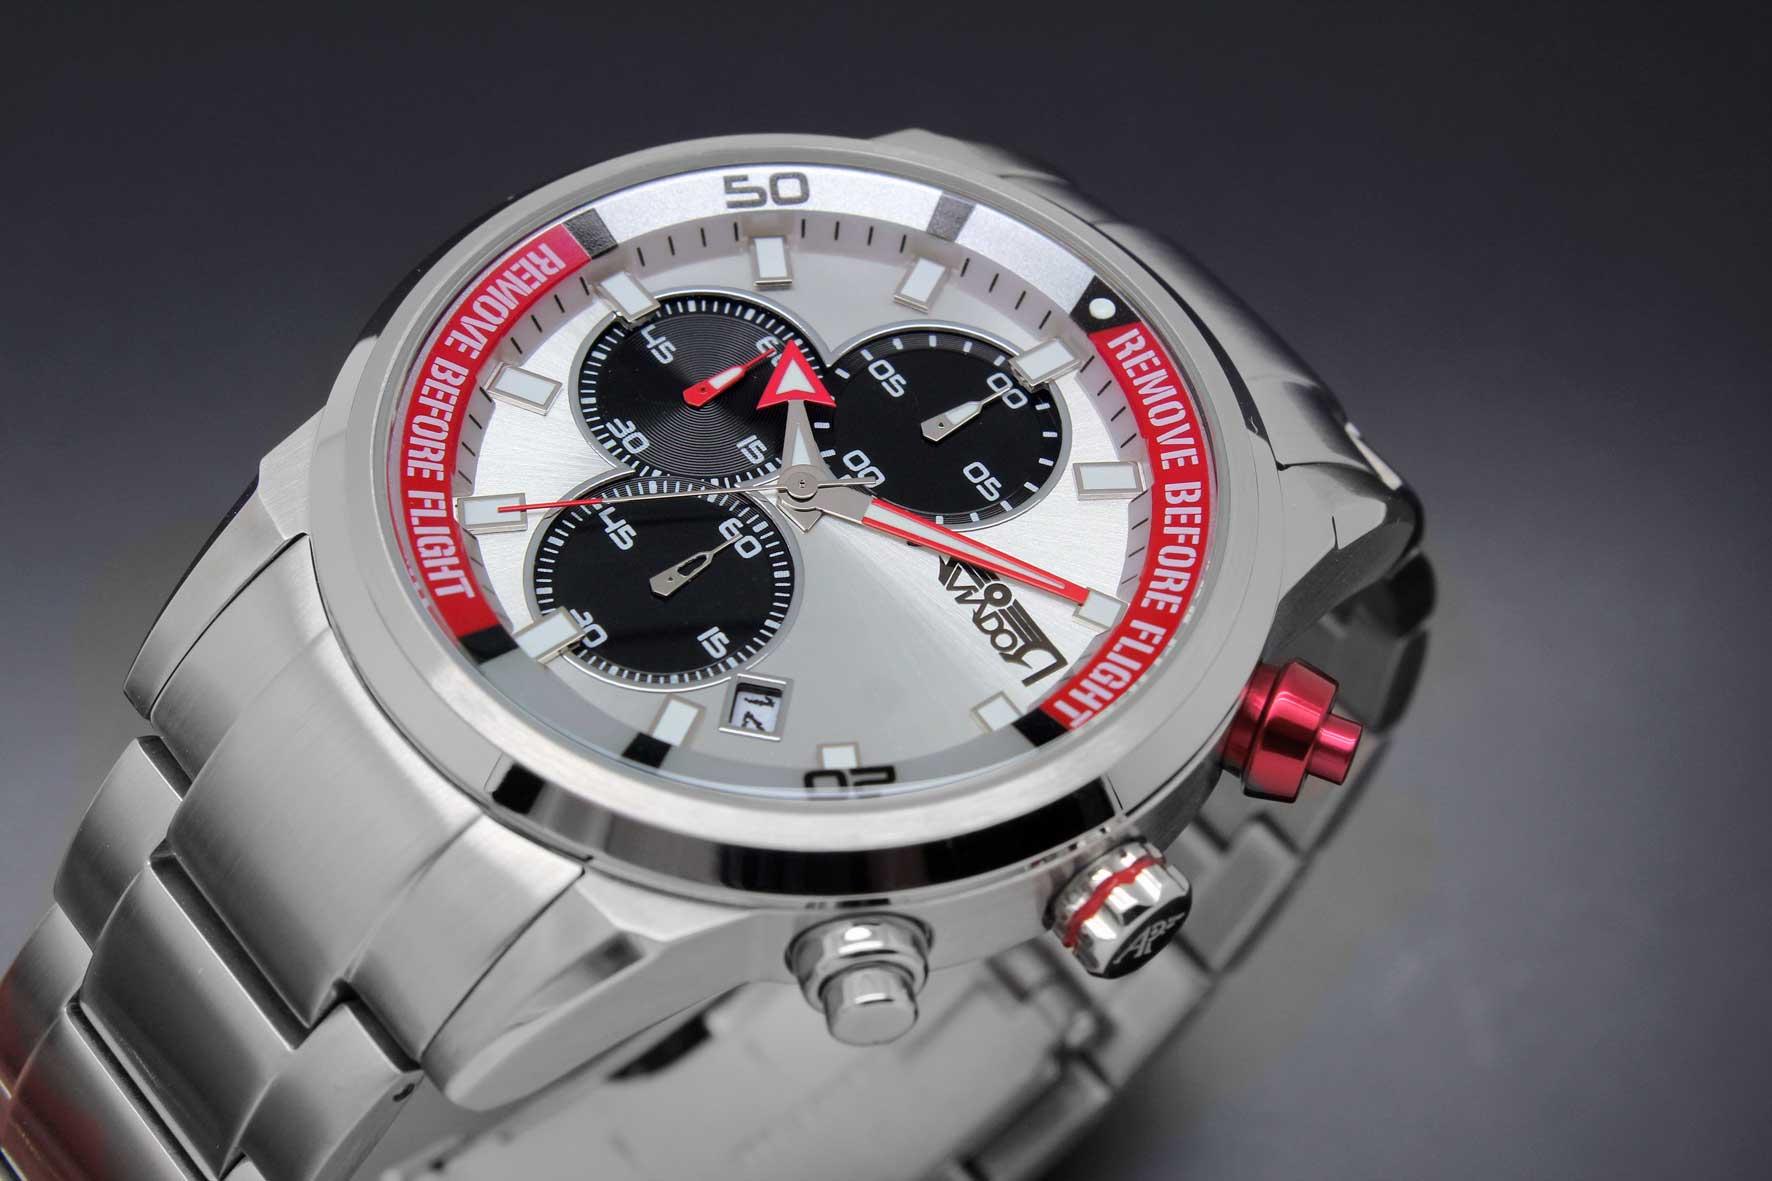 Reloj AVIADOR New RBF AV-1191 con caja de acero quirúrgico, esfera plateada silver, armis sólido en acero 316